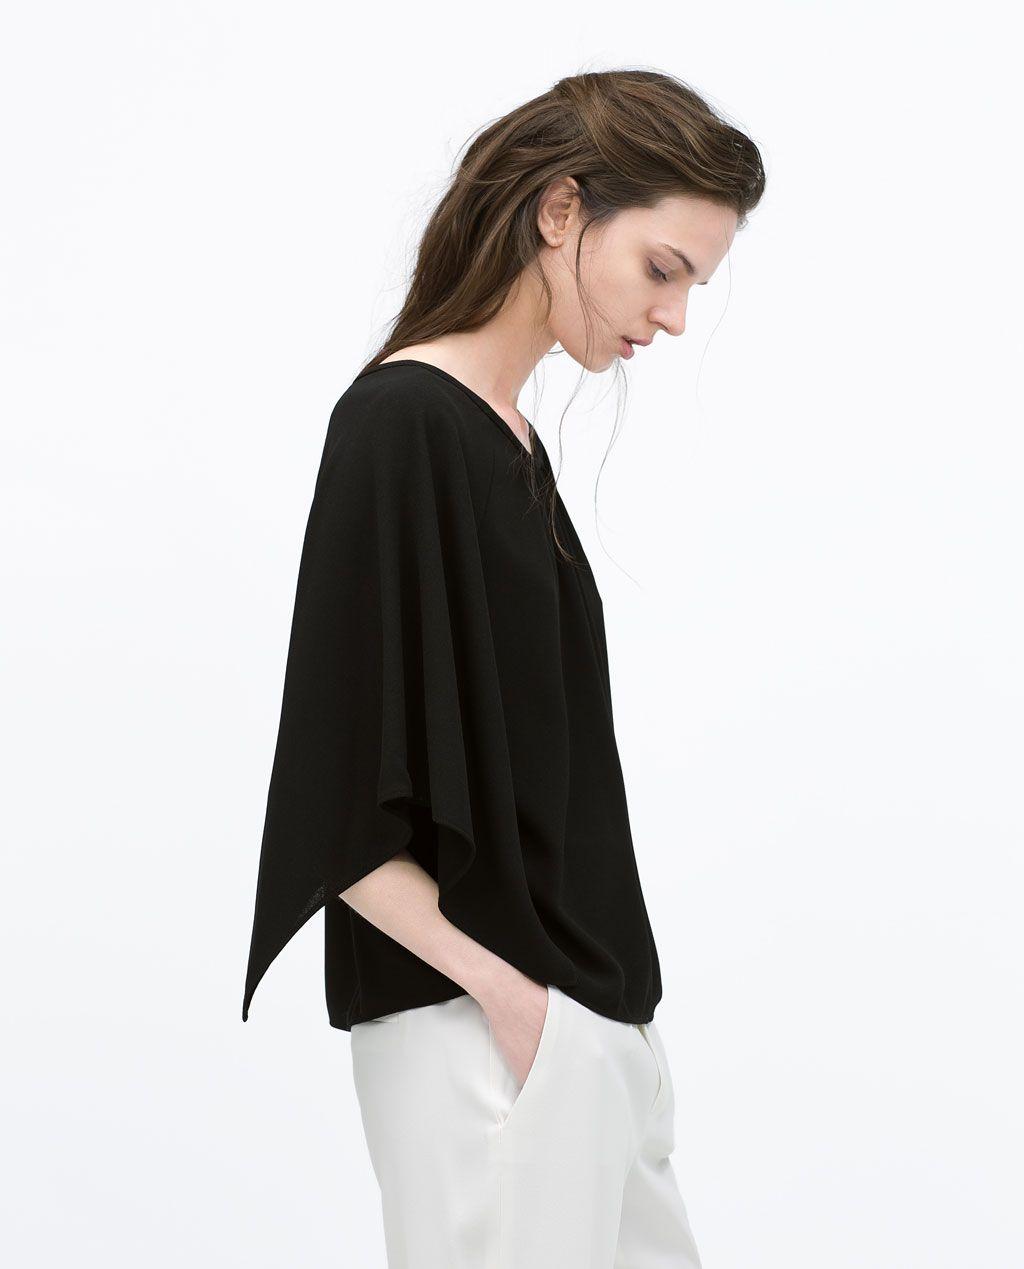 S/S 2015 - KIMONO SLEEVE TOP from Zara